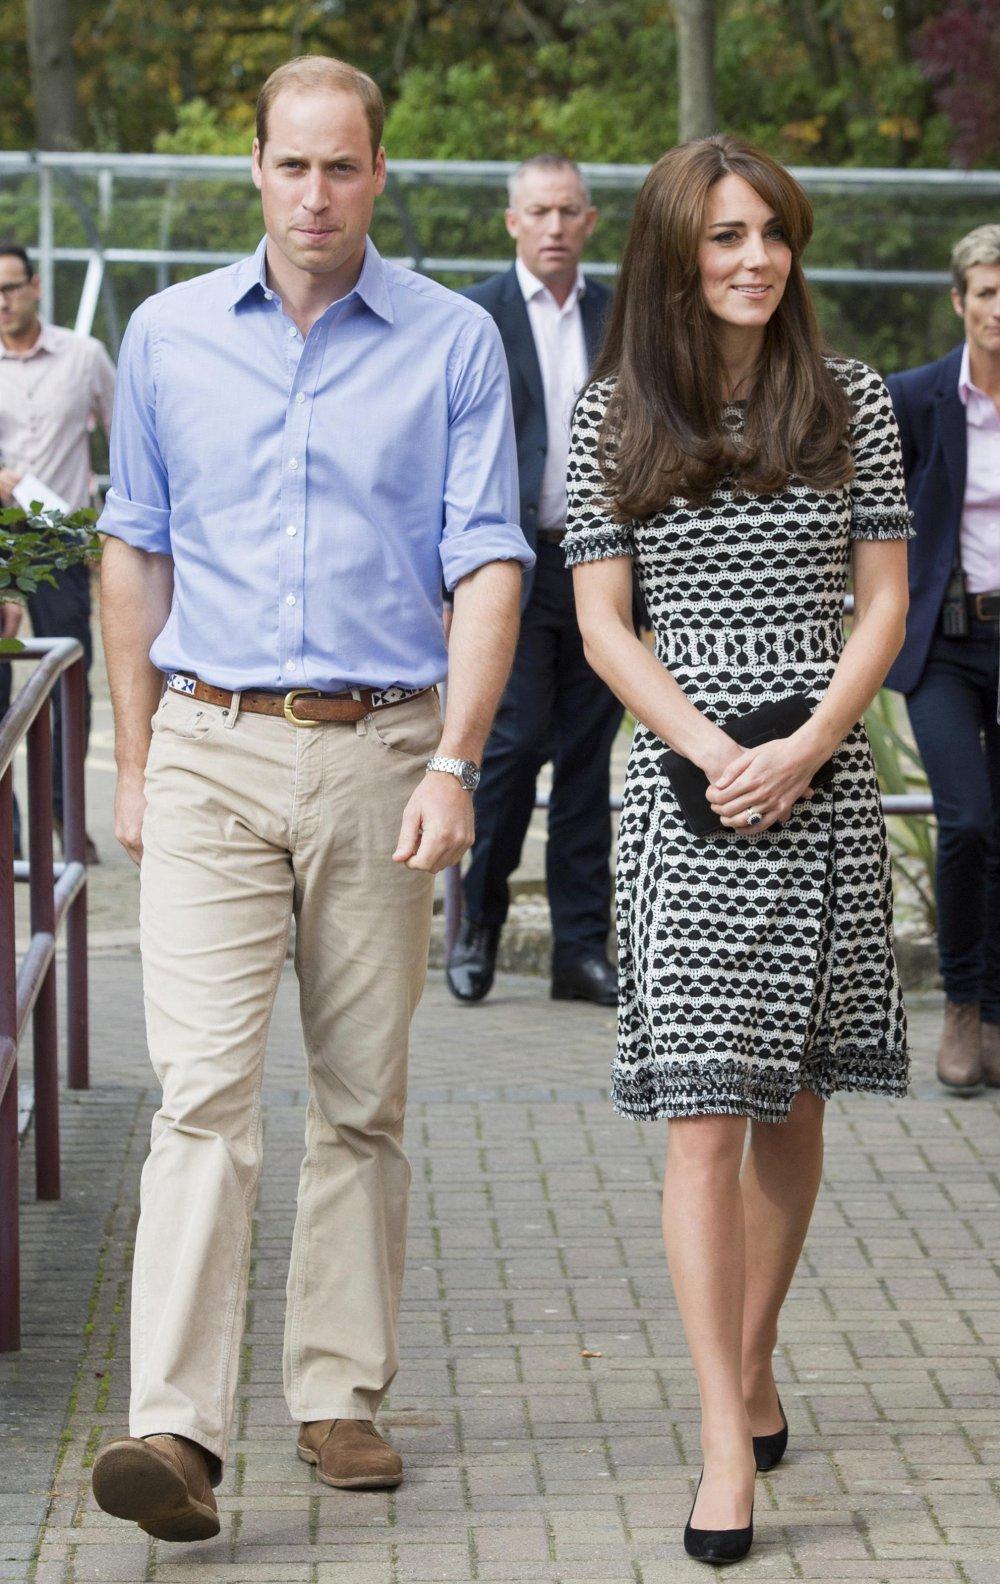 koje godine su se princi William i Kate Middleton počeli družiti jednobrzinsko druženje Sydney